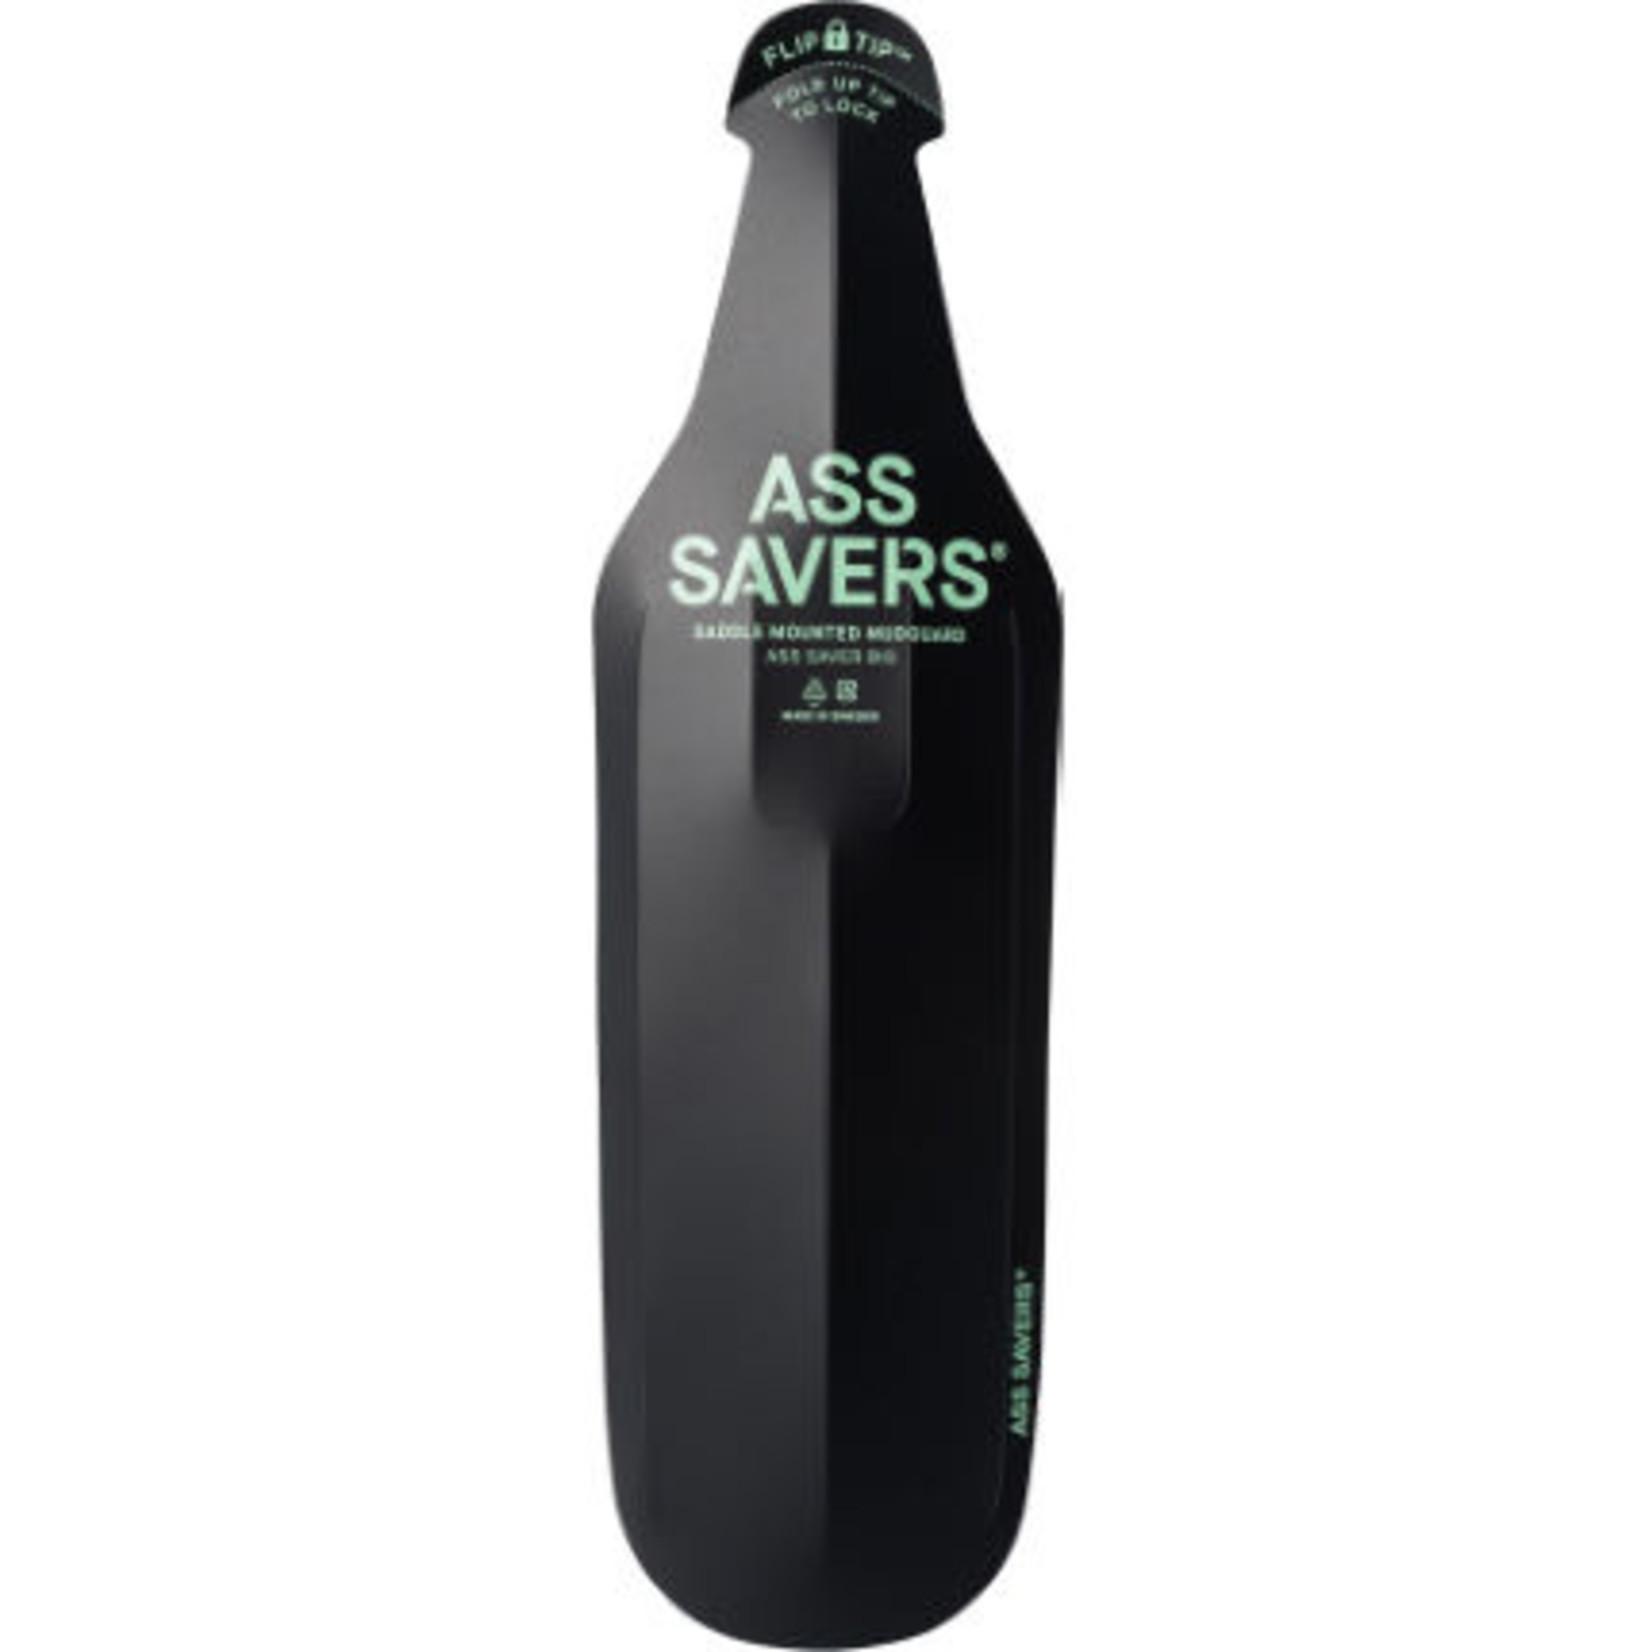 Ass Saver Ass Saver Big